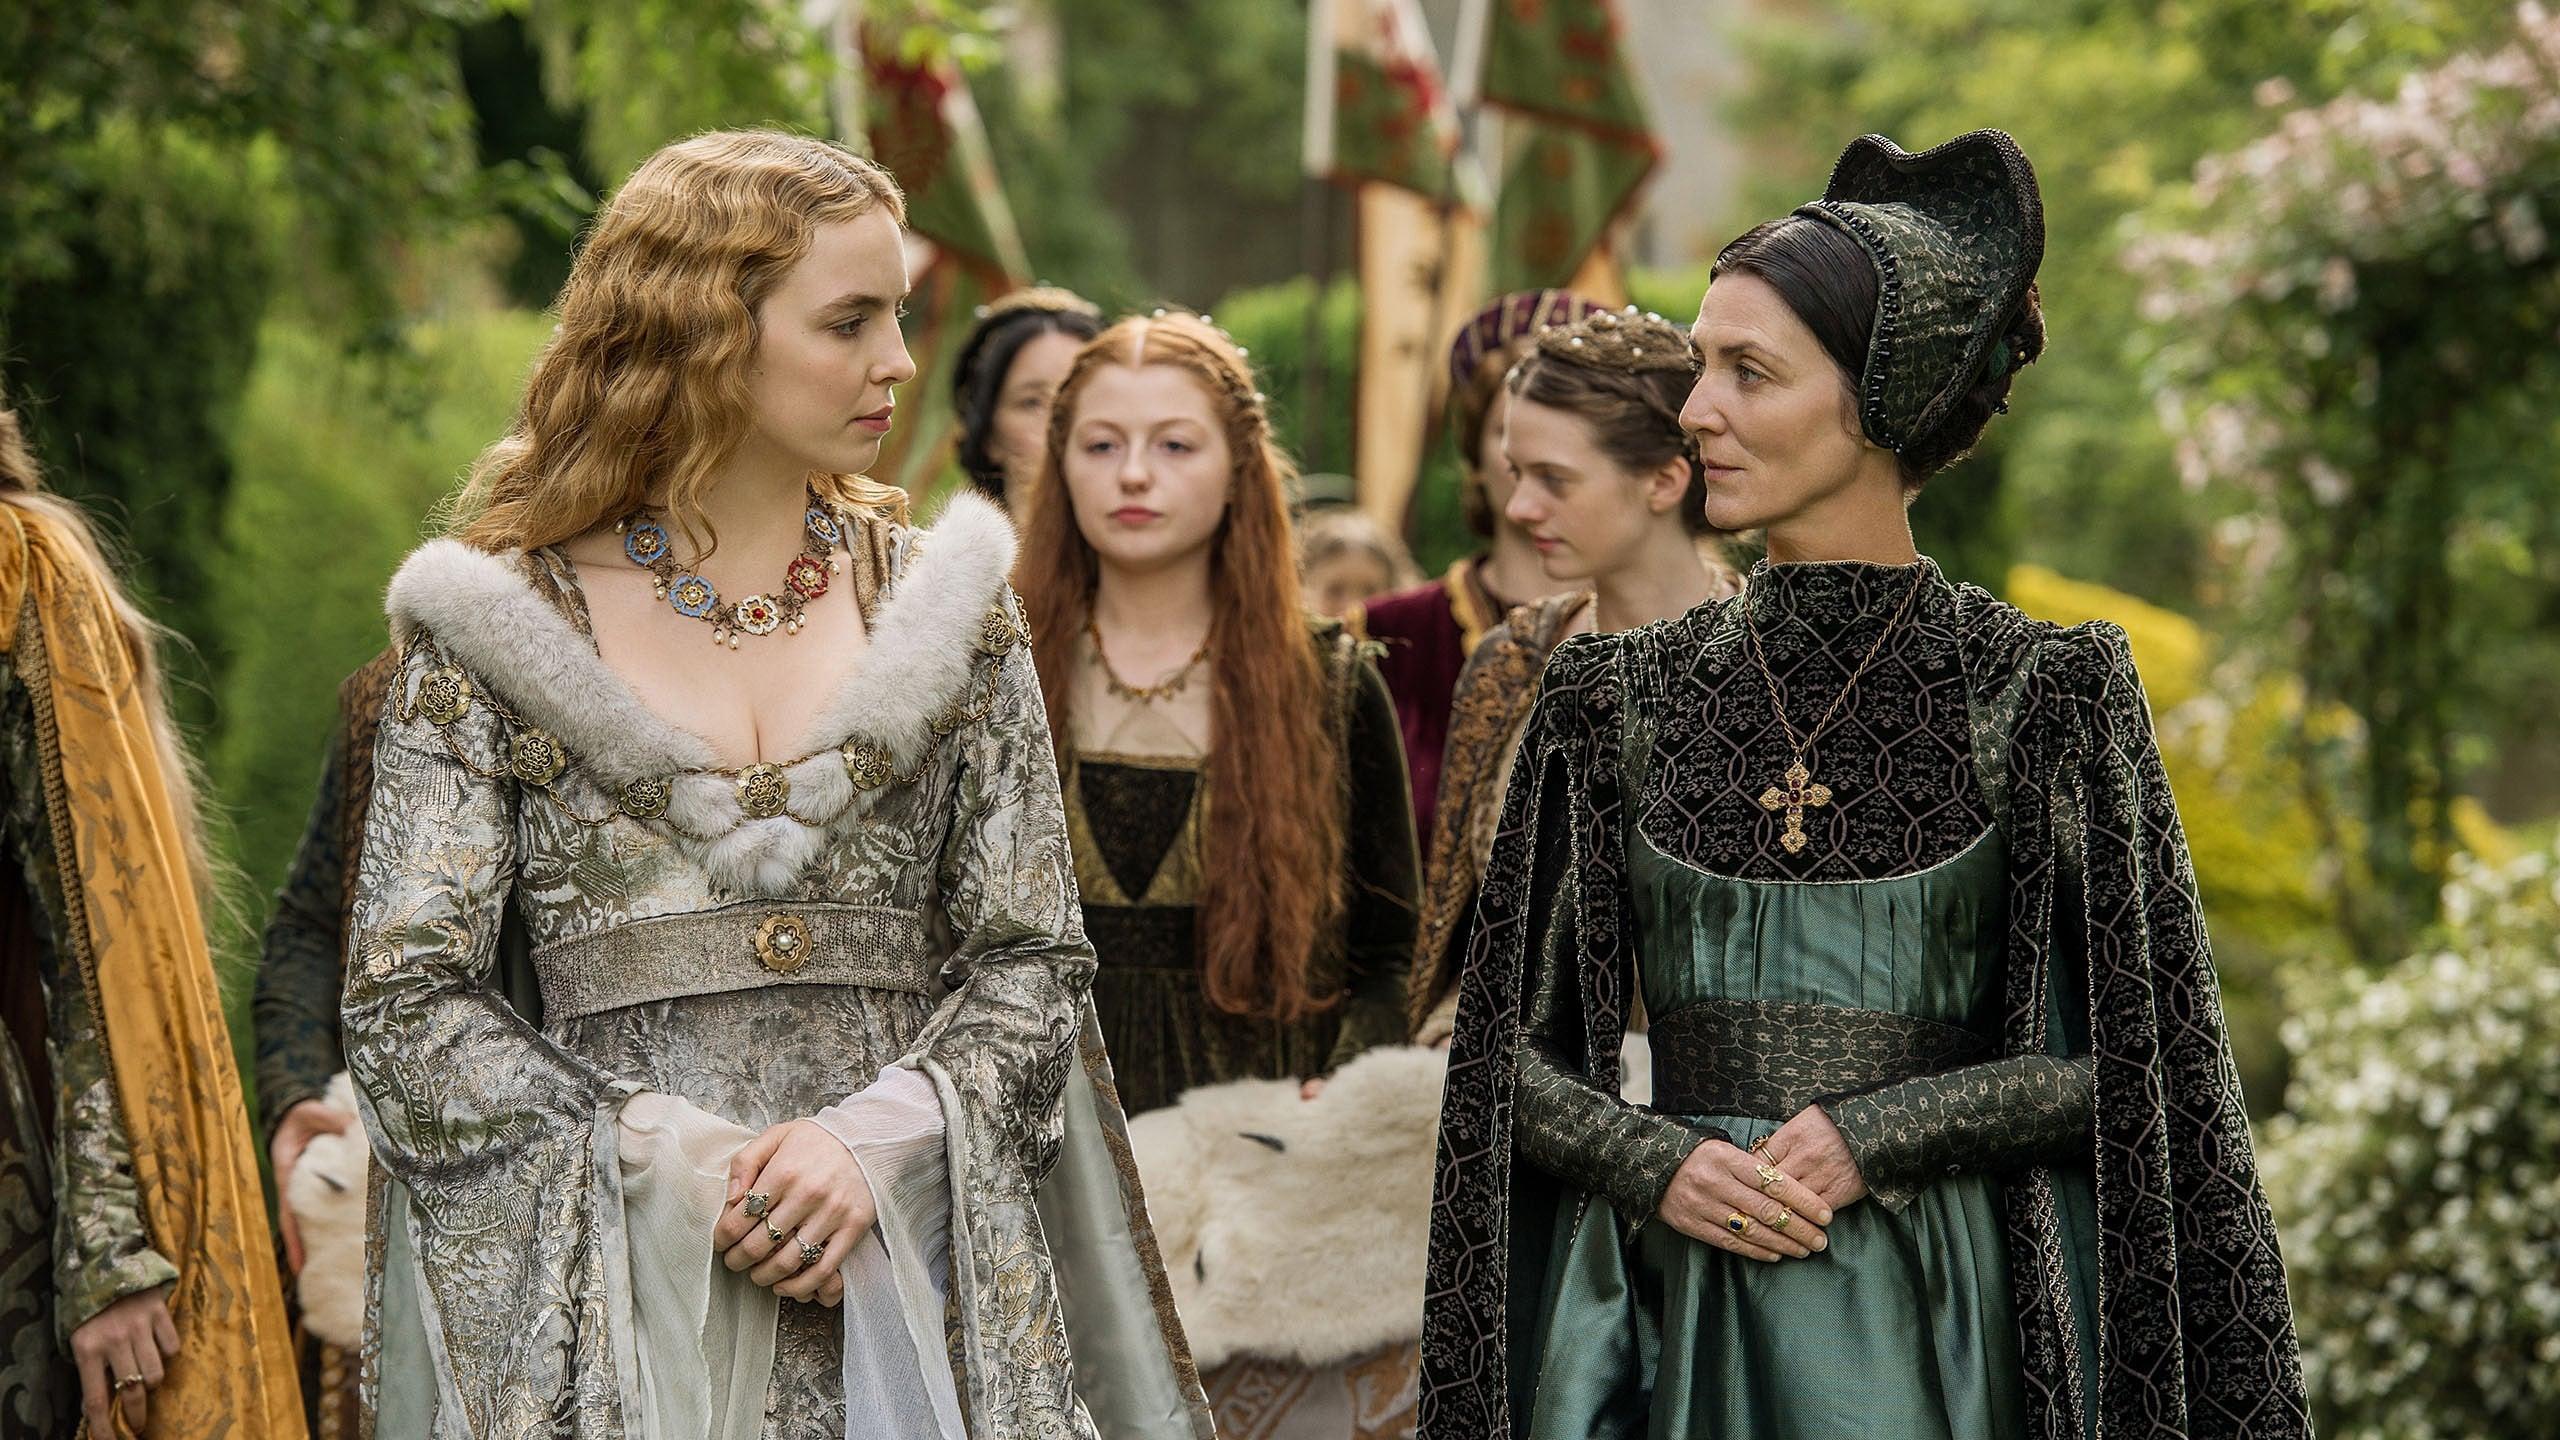 La princesa blanca: Temporada 1, Capitulo 3